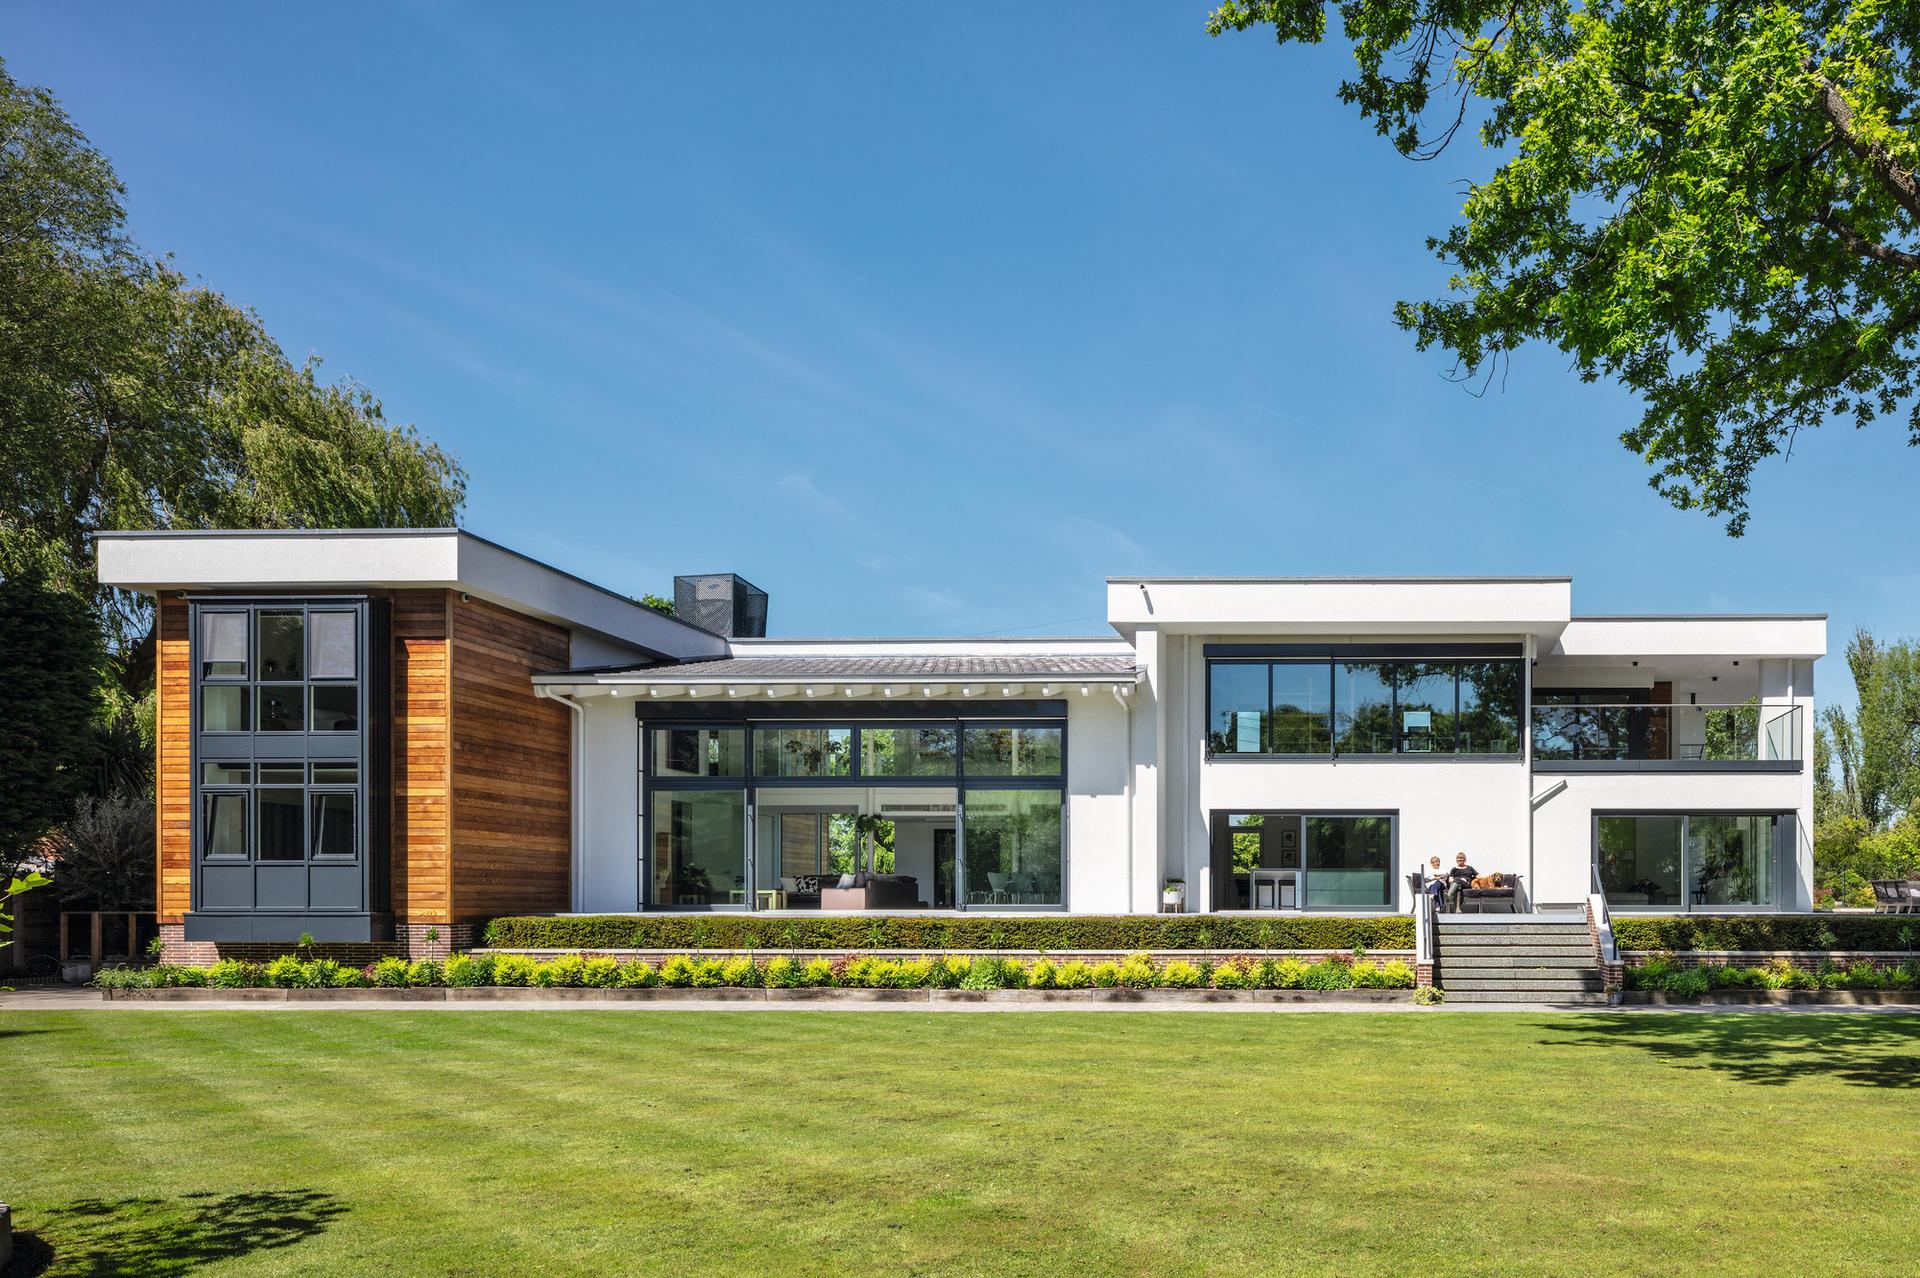 Luxuriöse Villa in Fertighausbau in UK - WeberHaus